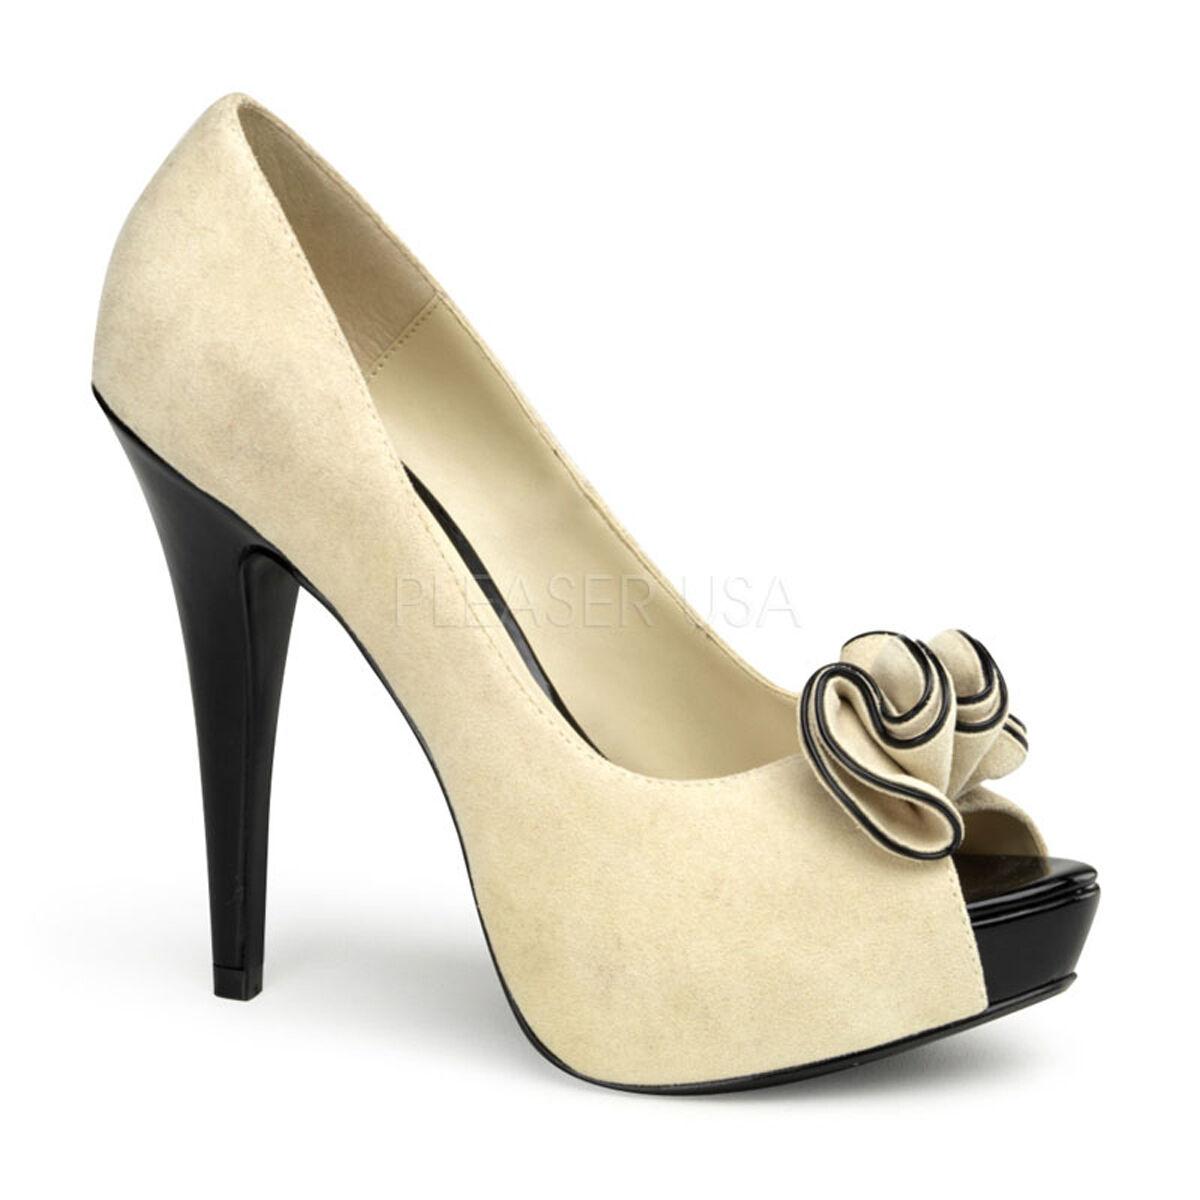 PINUP LOL10/BESUE/PU Beige Faux Suede Peep Toe Pump High Heel Platform Schuhes